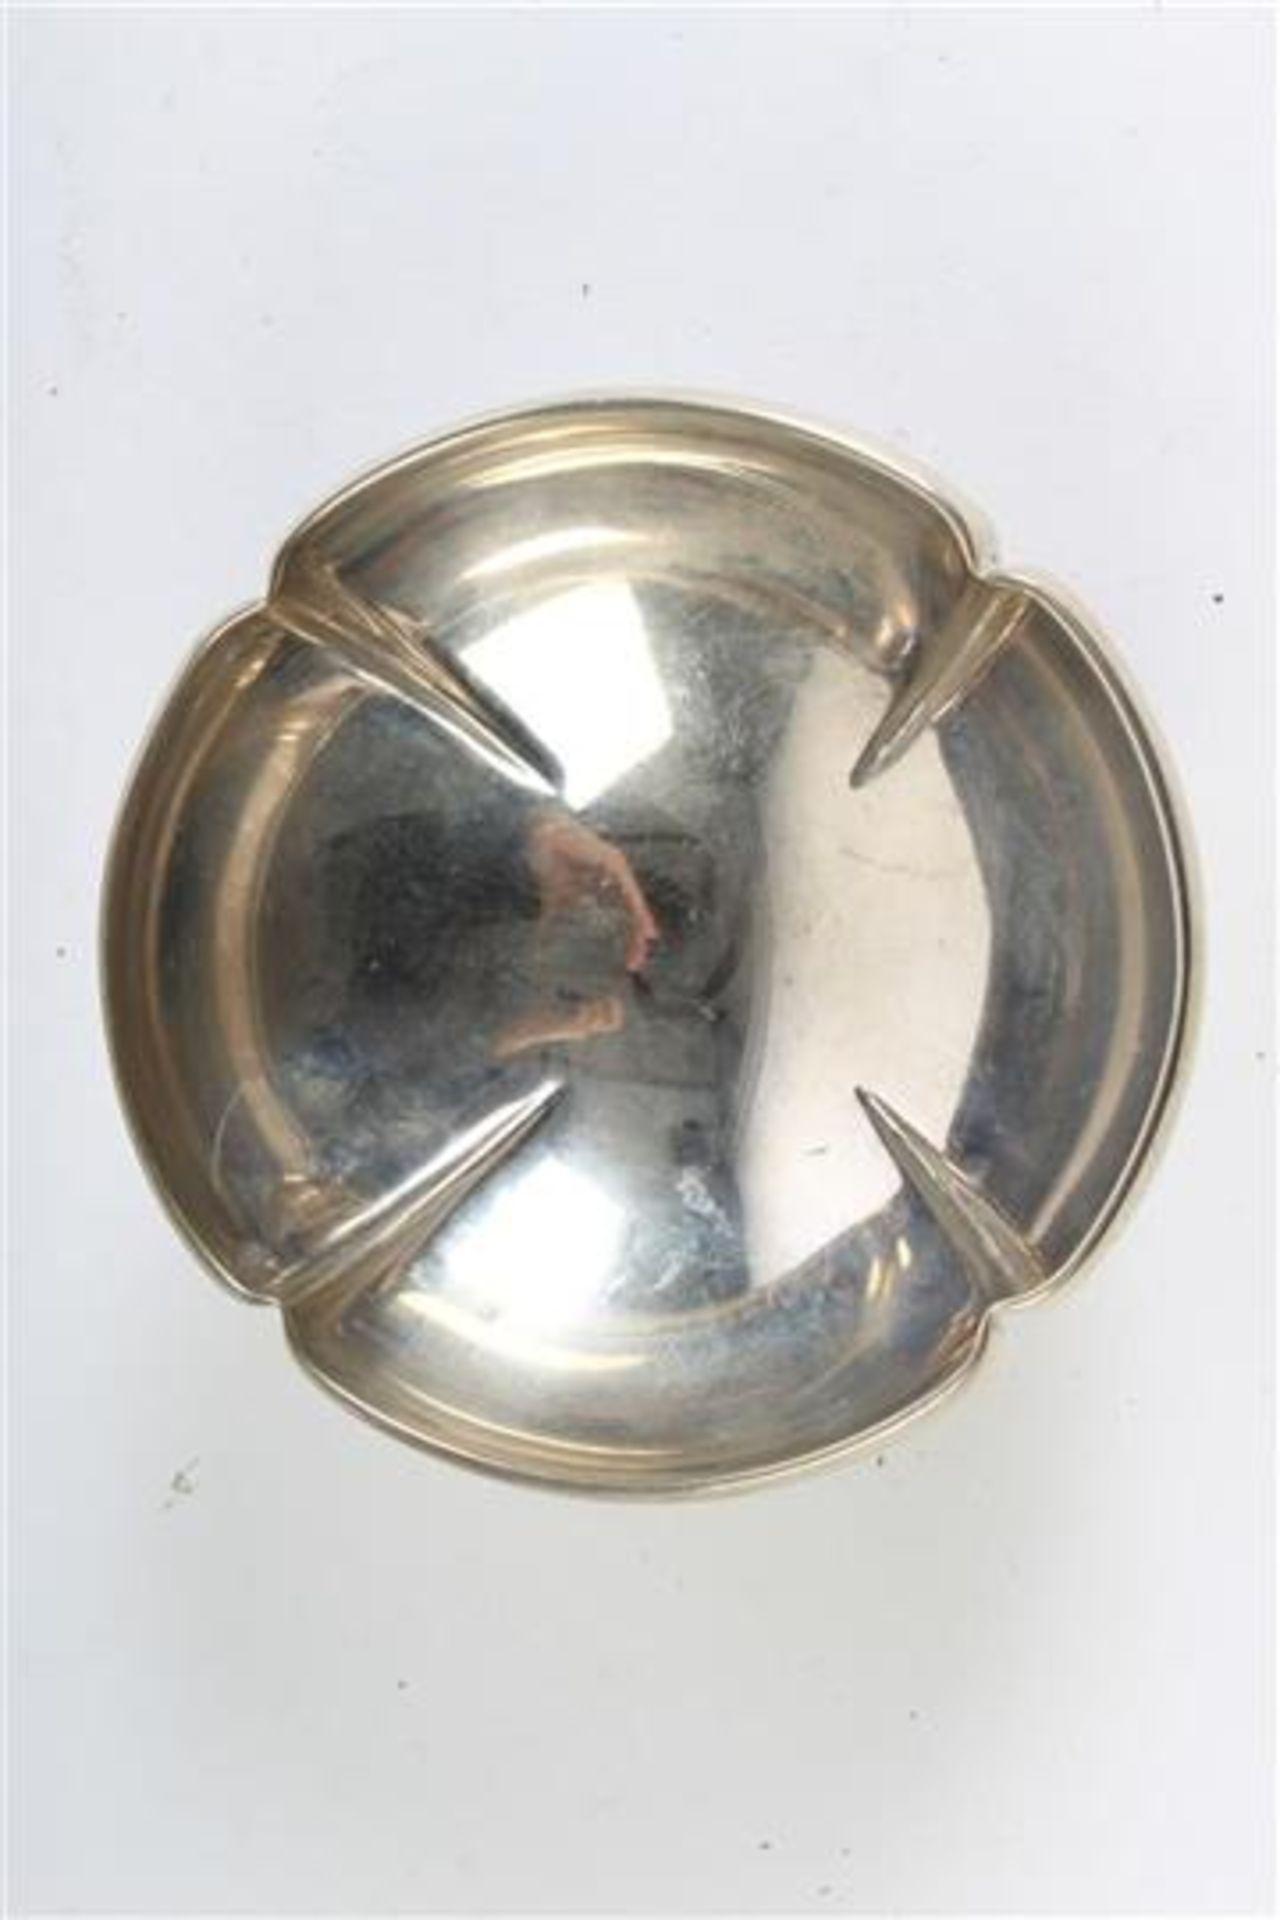 Set van vijf diverse mandjes, waaronder zilver Hollands gekeurd. Gewicht: 396 g. - Bild 4 aus 6